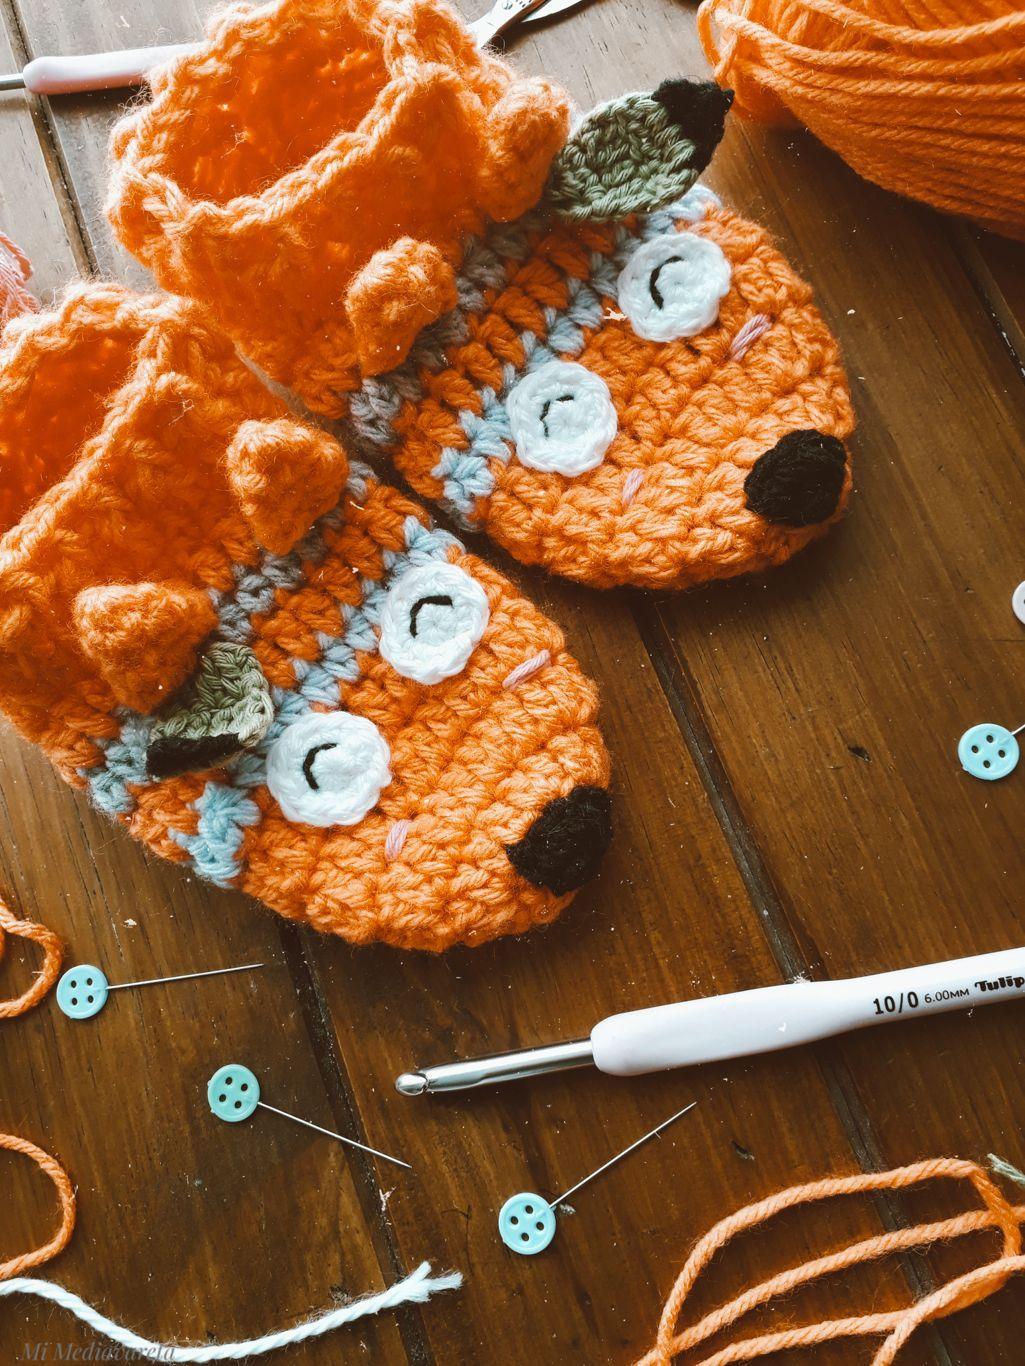 tutorial gratuito para tejer unas pantuflas para niños a crochet